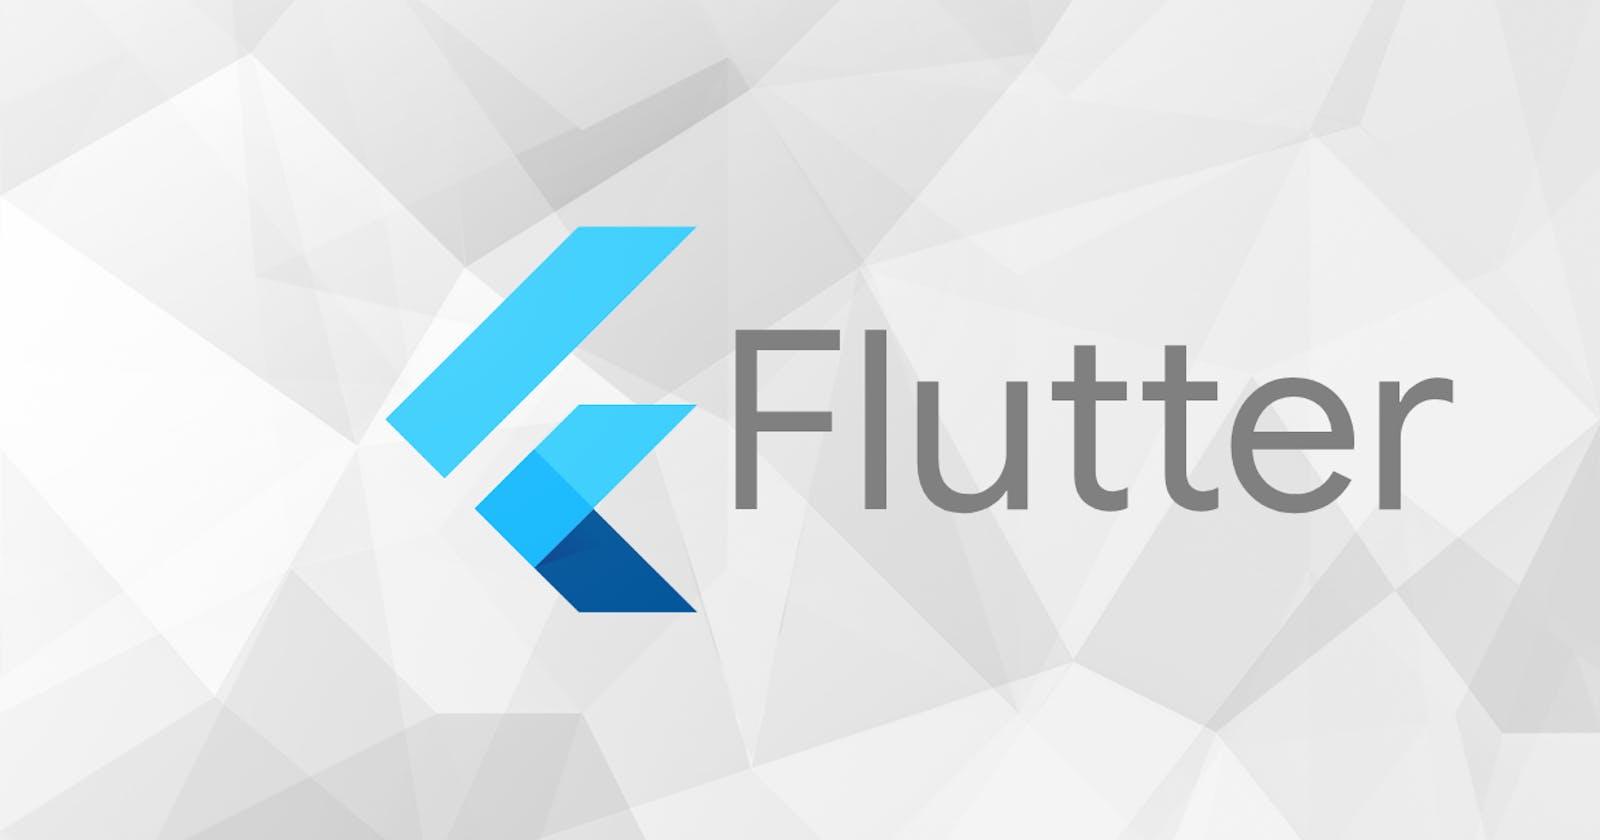 Let's get started with Flutter